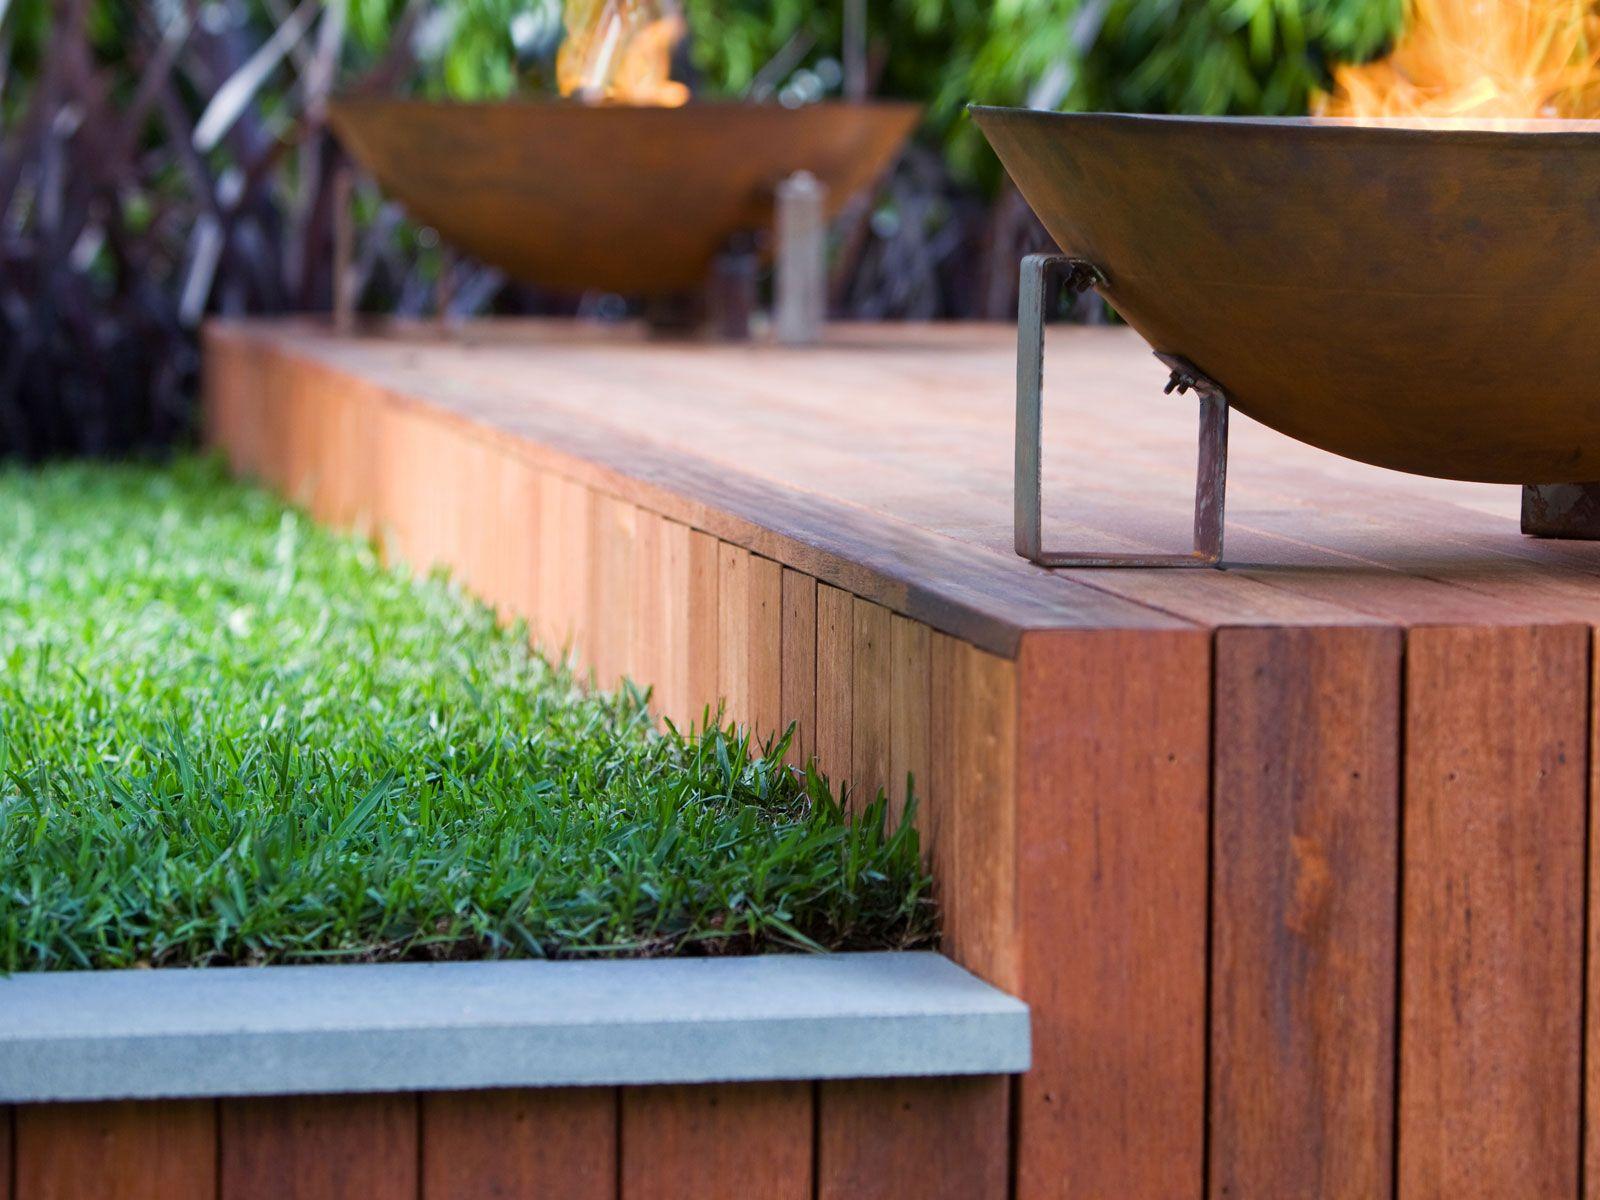 Gallery - Timber Flooring, Decking, Screening - Bamboo, Pine ...